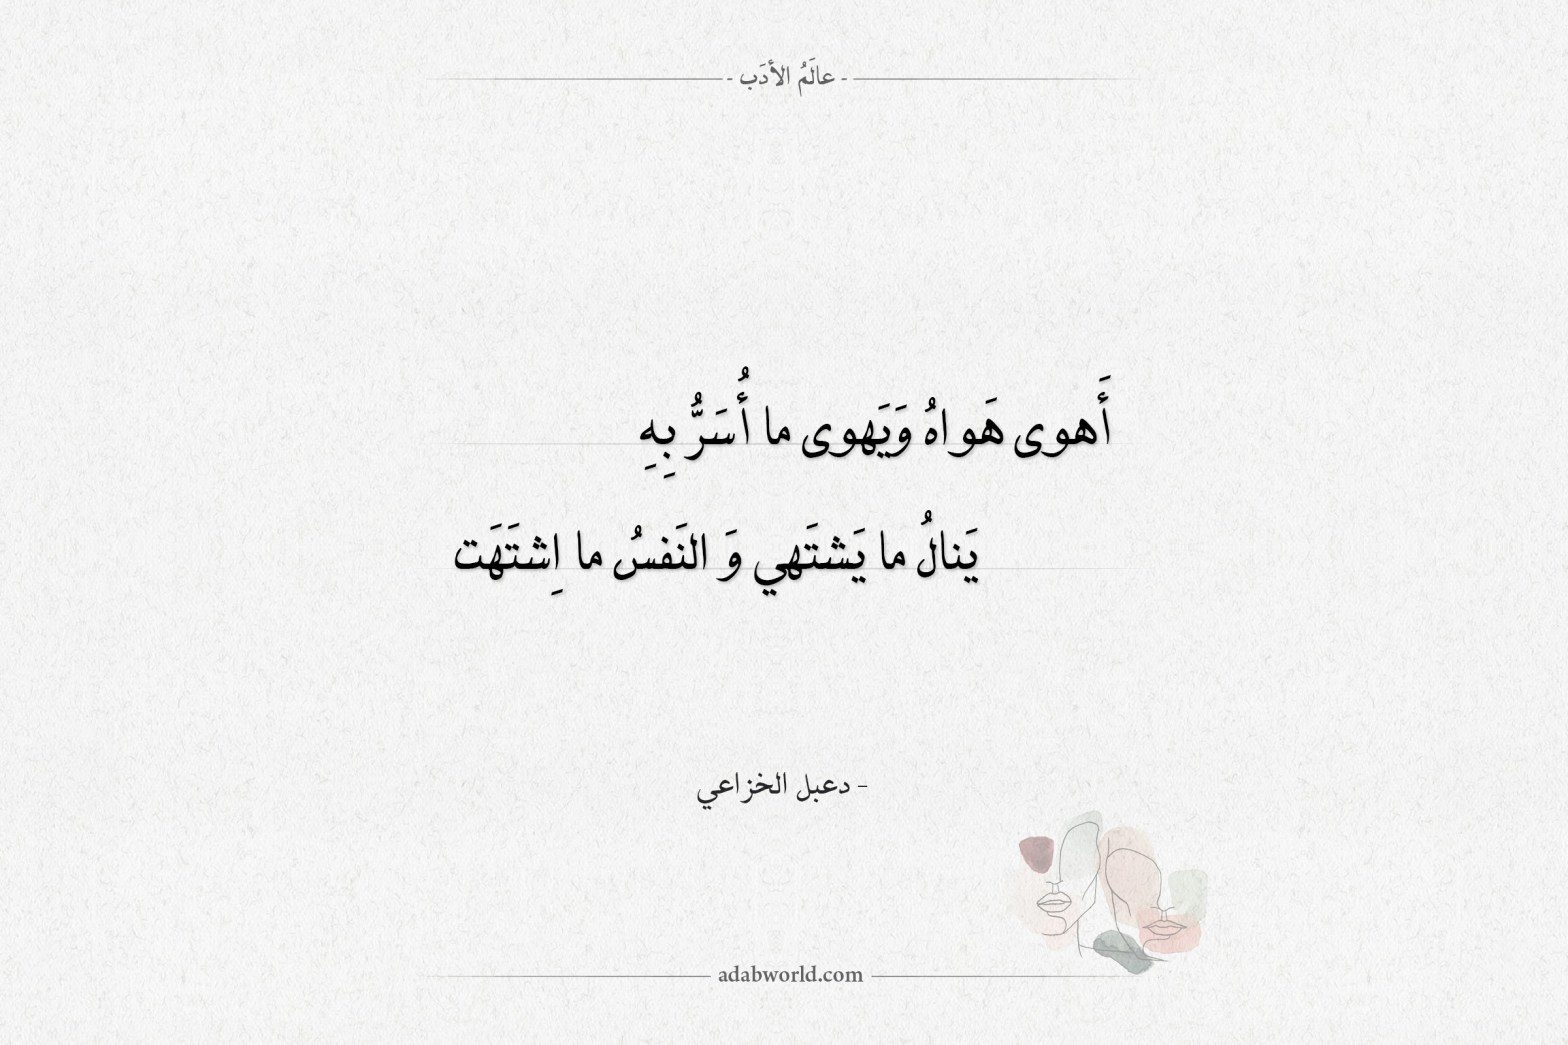 شعر دعبل الخزاعي ينال ما يشتهي والنفس ما اشتهت